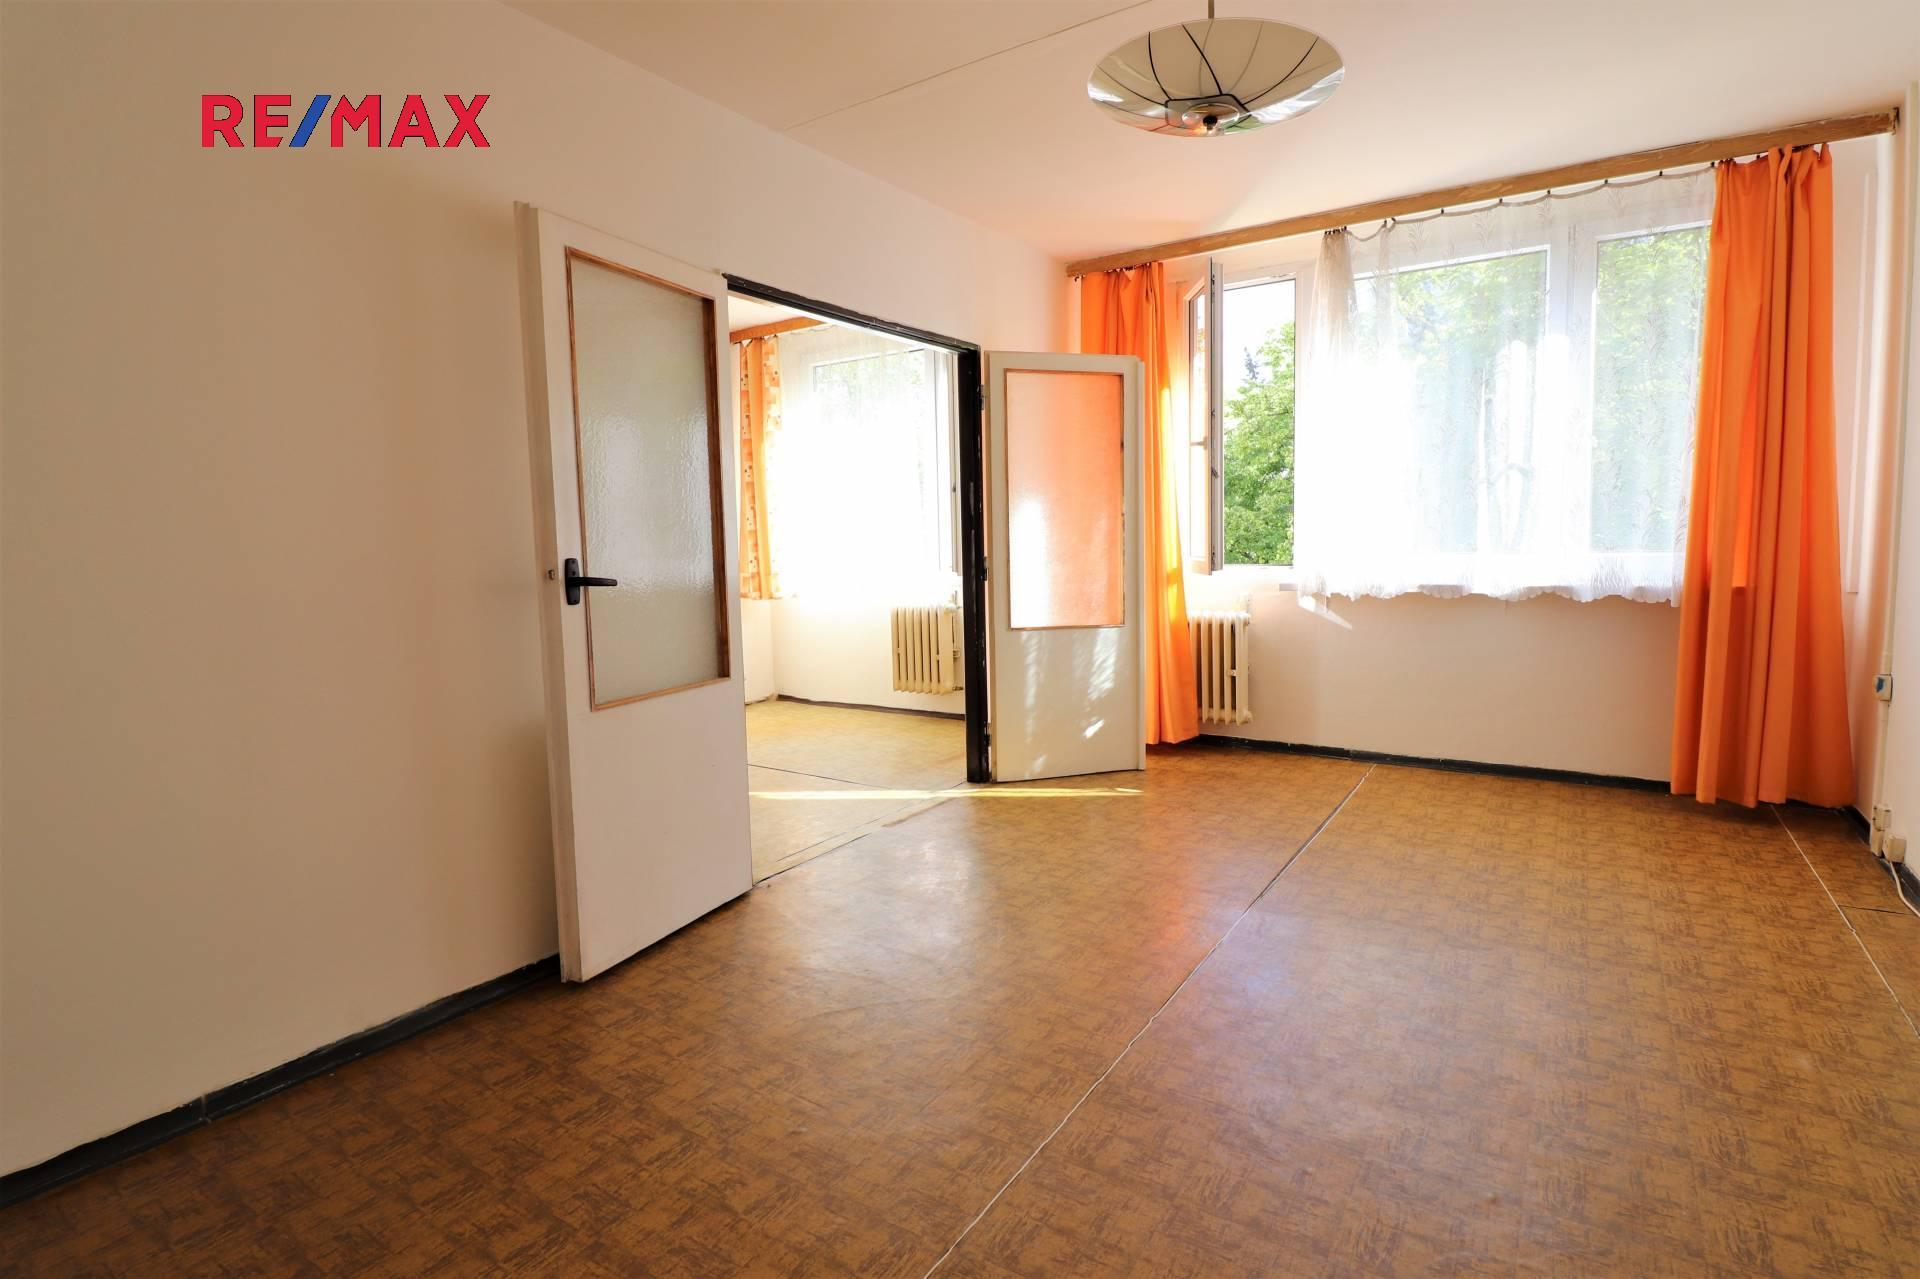 Prodej bytu 4+kk v osobním vlastnictví 67 m², Praha 9 - Prosek (